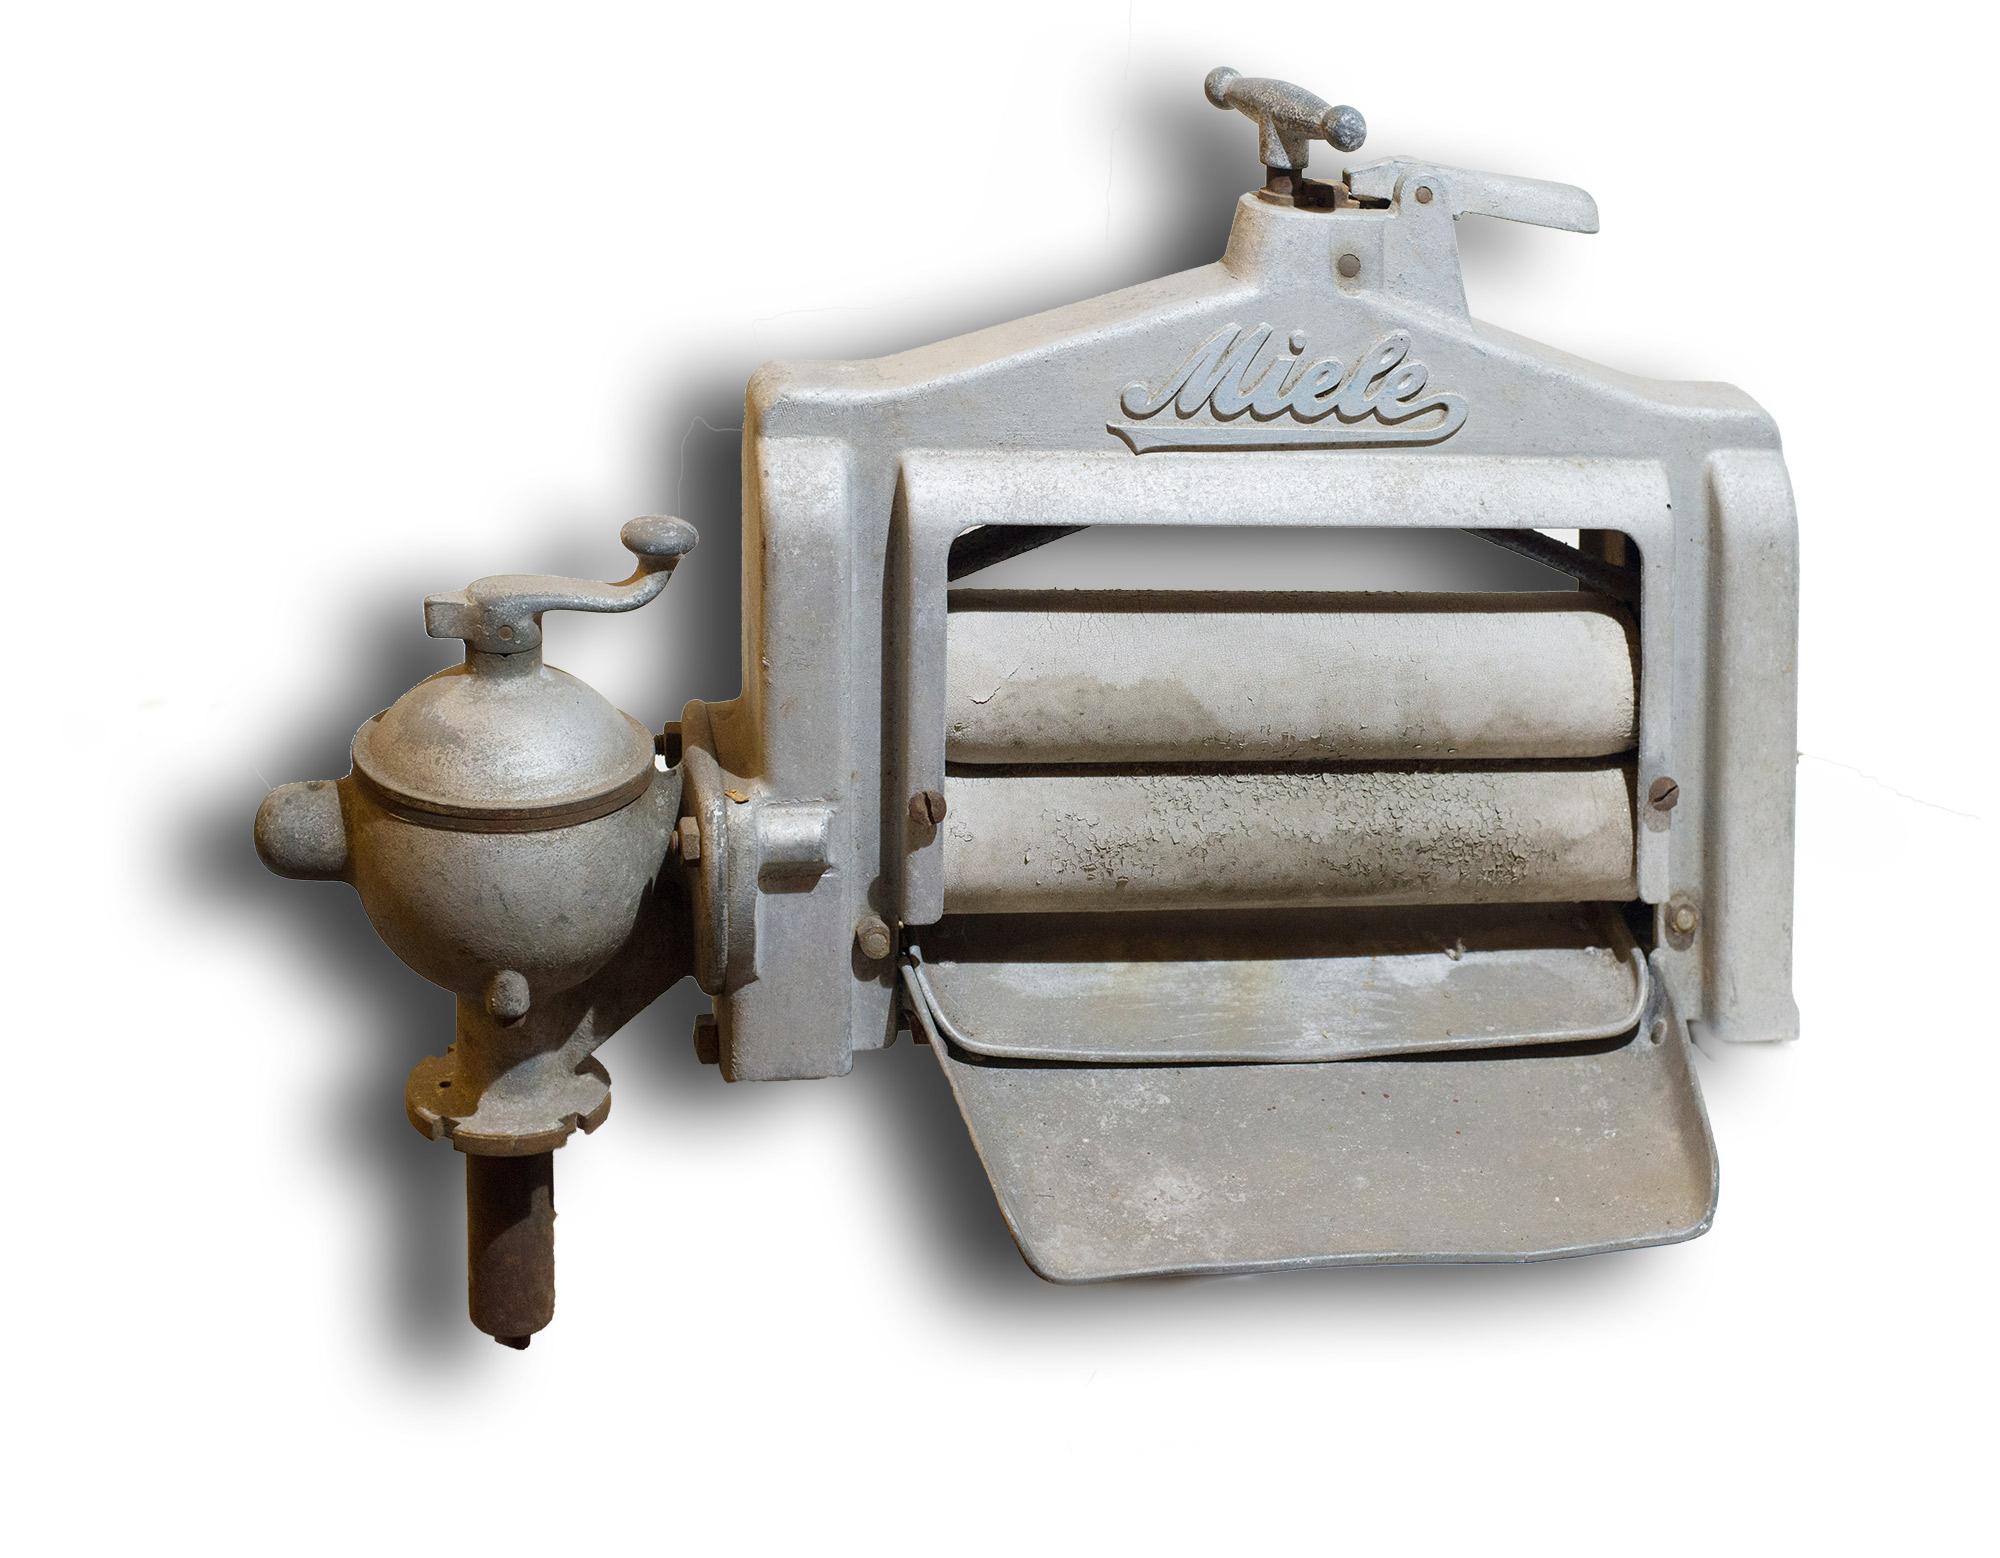 alte miele w schemangel ca um 1900 zum restaurieren oder als ersatzteilspender fund kiste. Black Bedroom Furniture Sets. Home Design Ideas